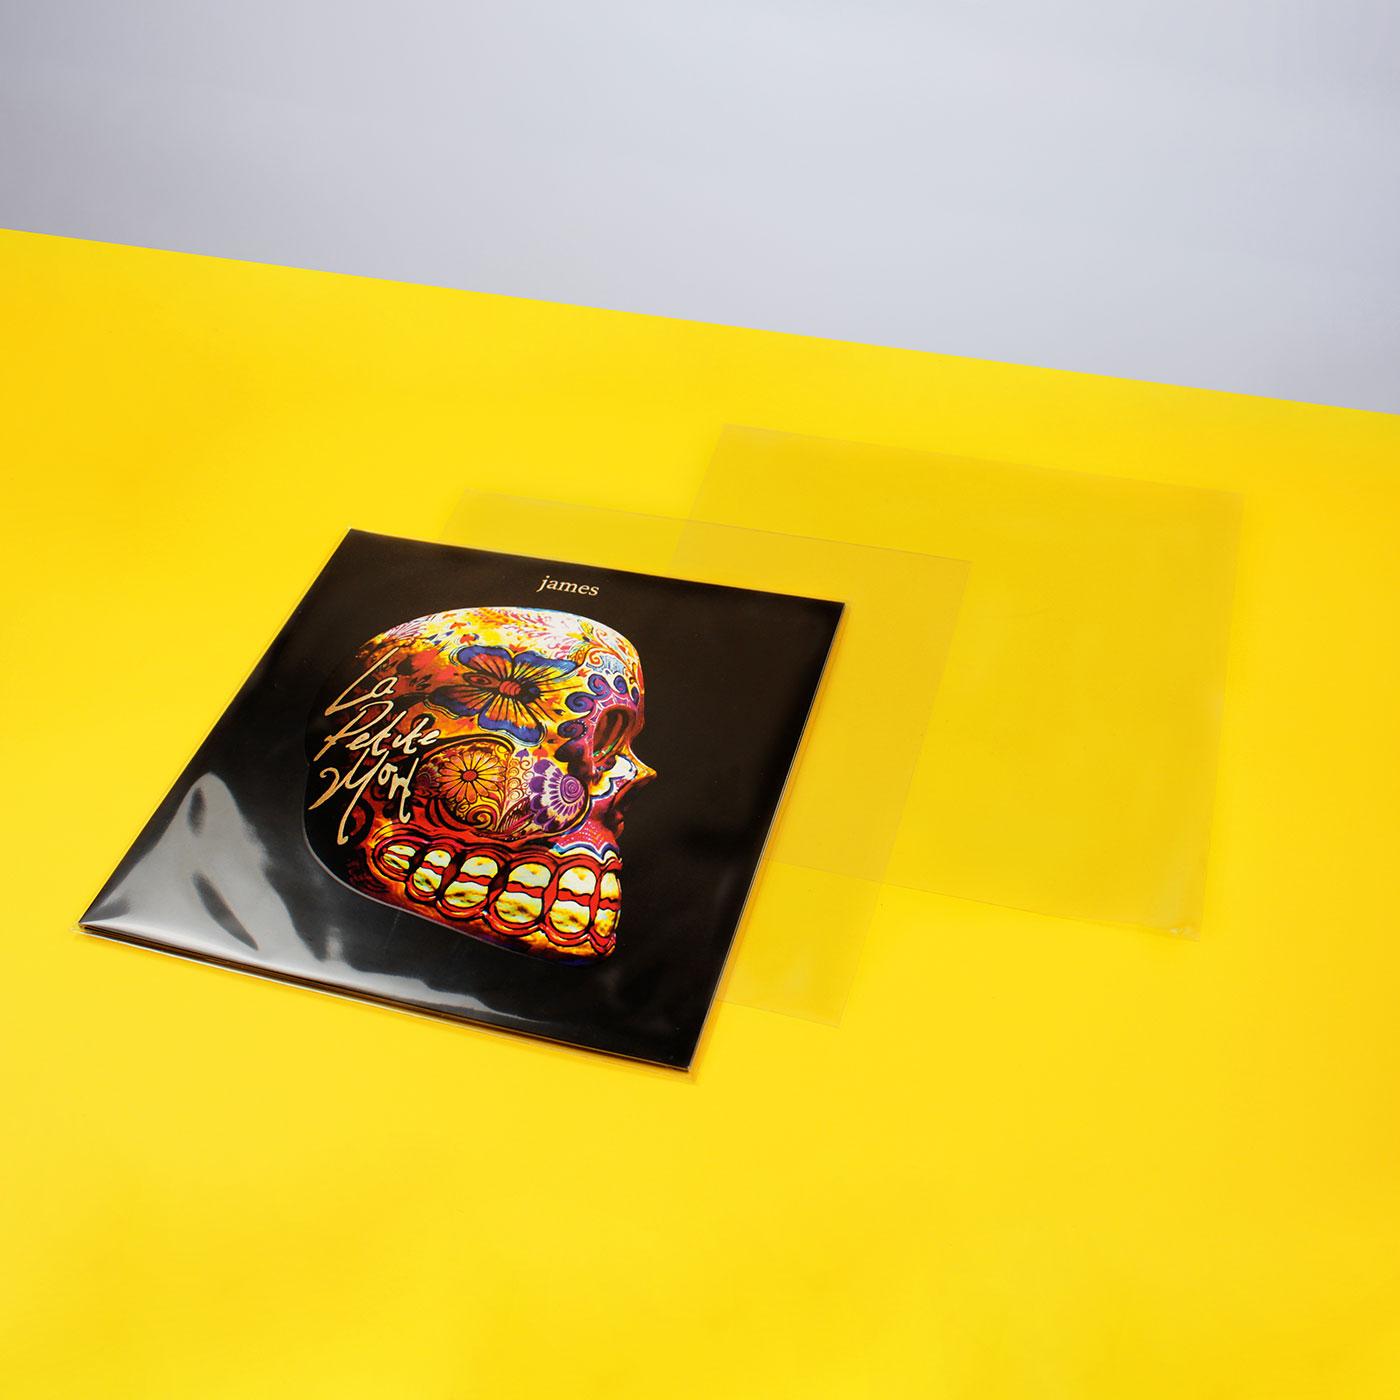 Schallplatten-Cover-Hülle